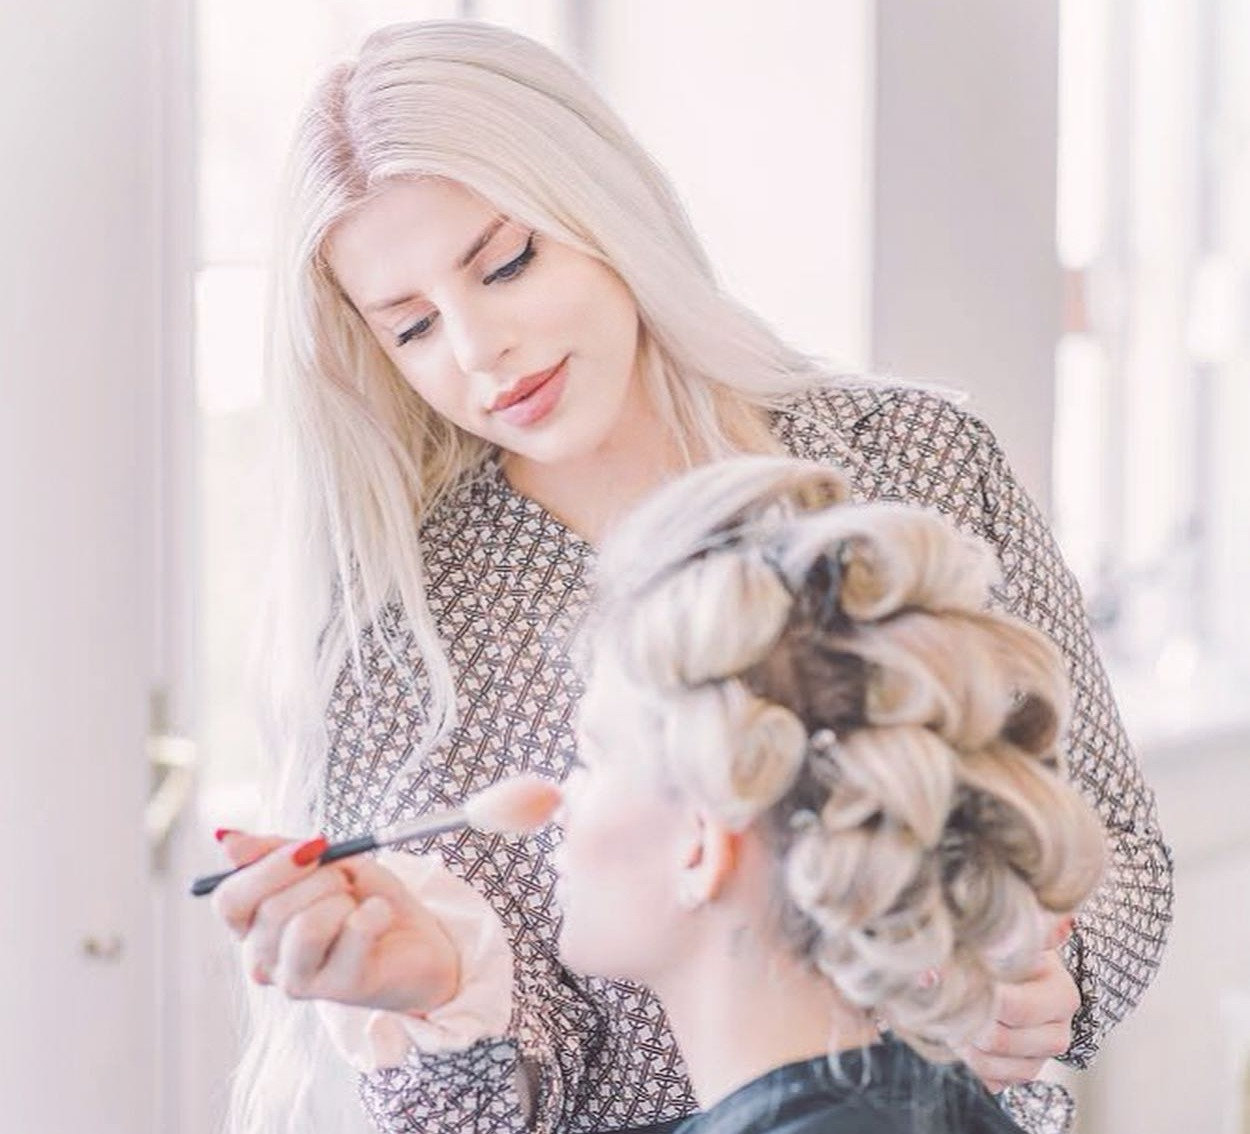 Makeup Lessons per Hour per Person